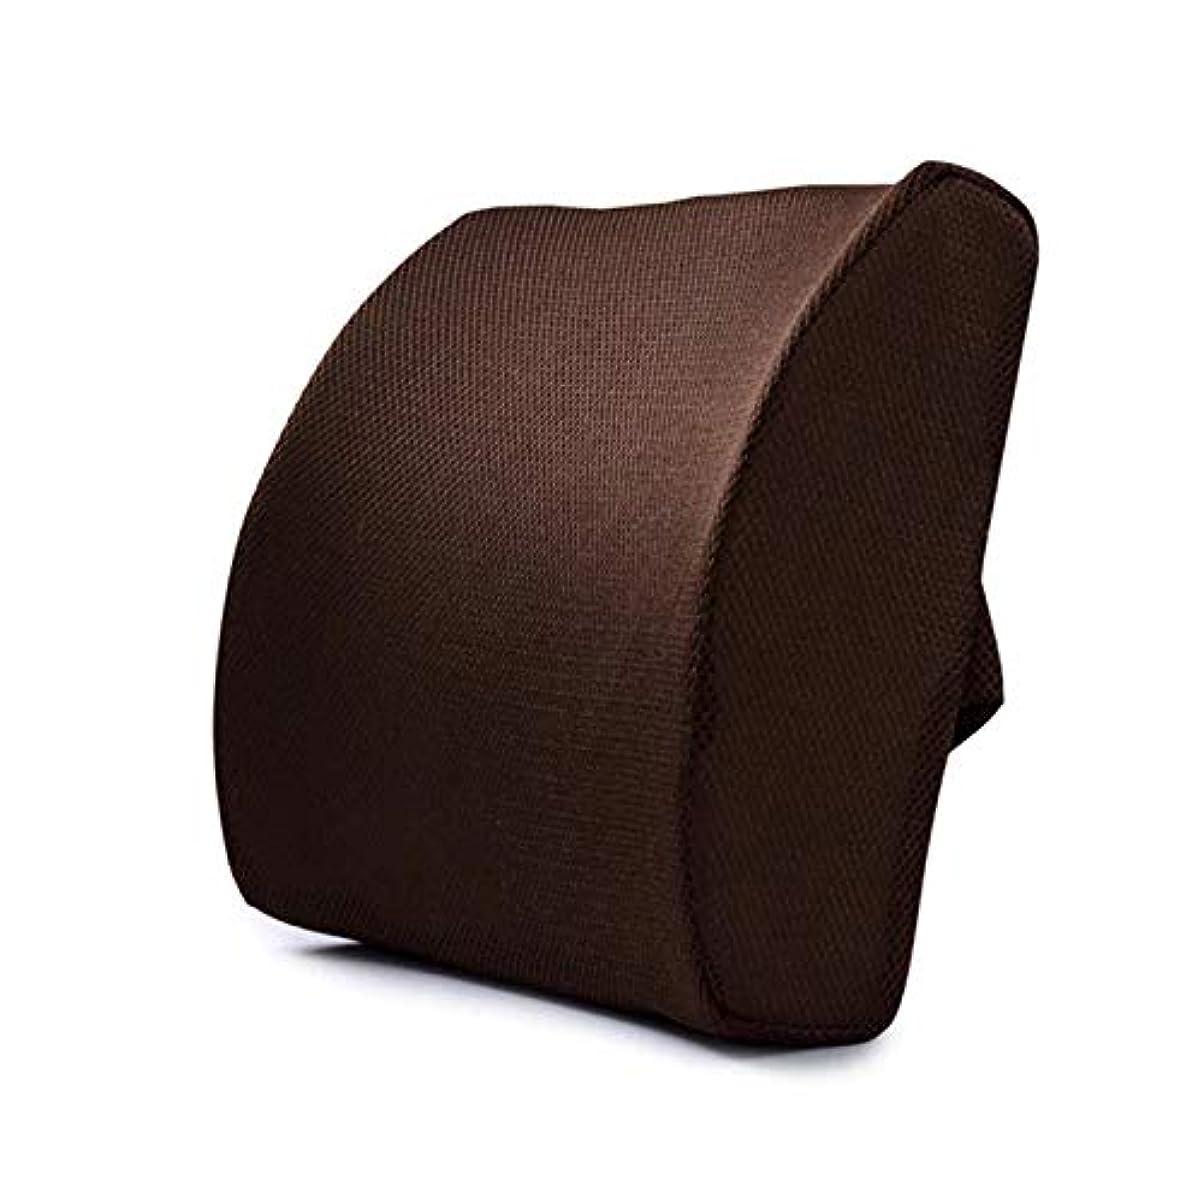 つば魅惑するバンドLIFE ホームオフィス背もたれ椅子腰椎クッションカーシートネック枕 3D 低反発サポートバックマッサージウエストレスリビング枕 クッション 椅子